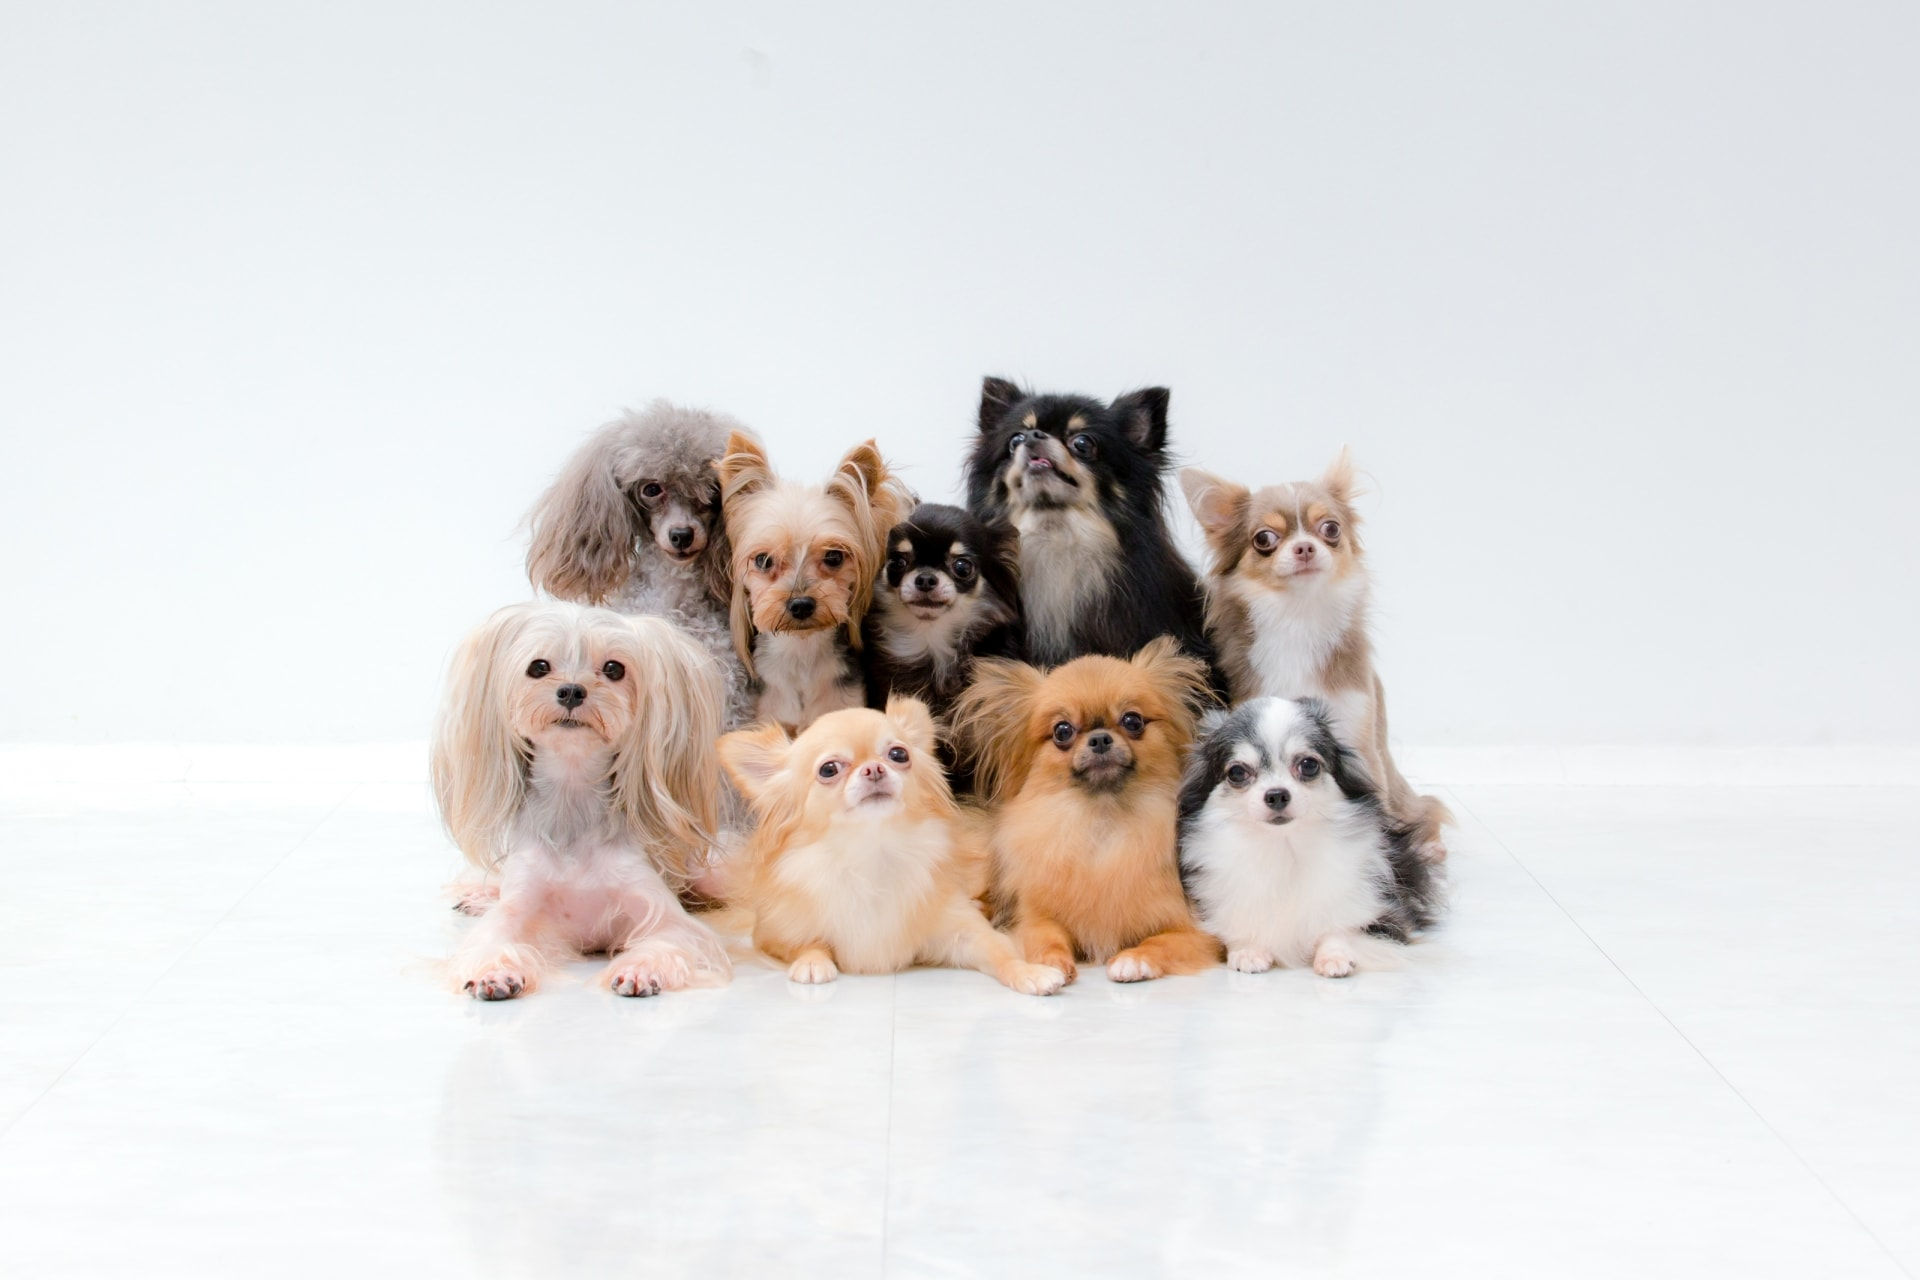 ペットを飼うための準備には何が必要?